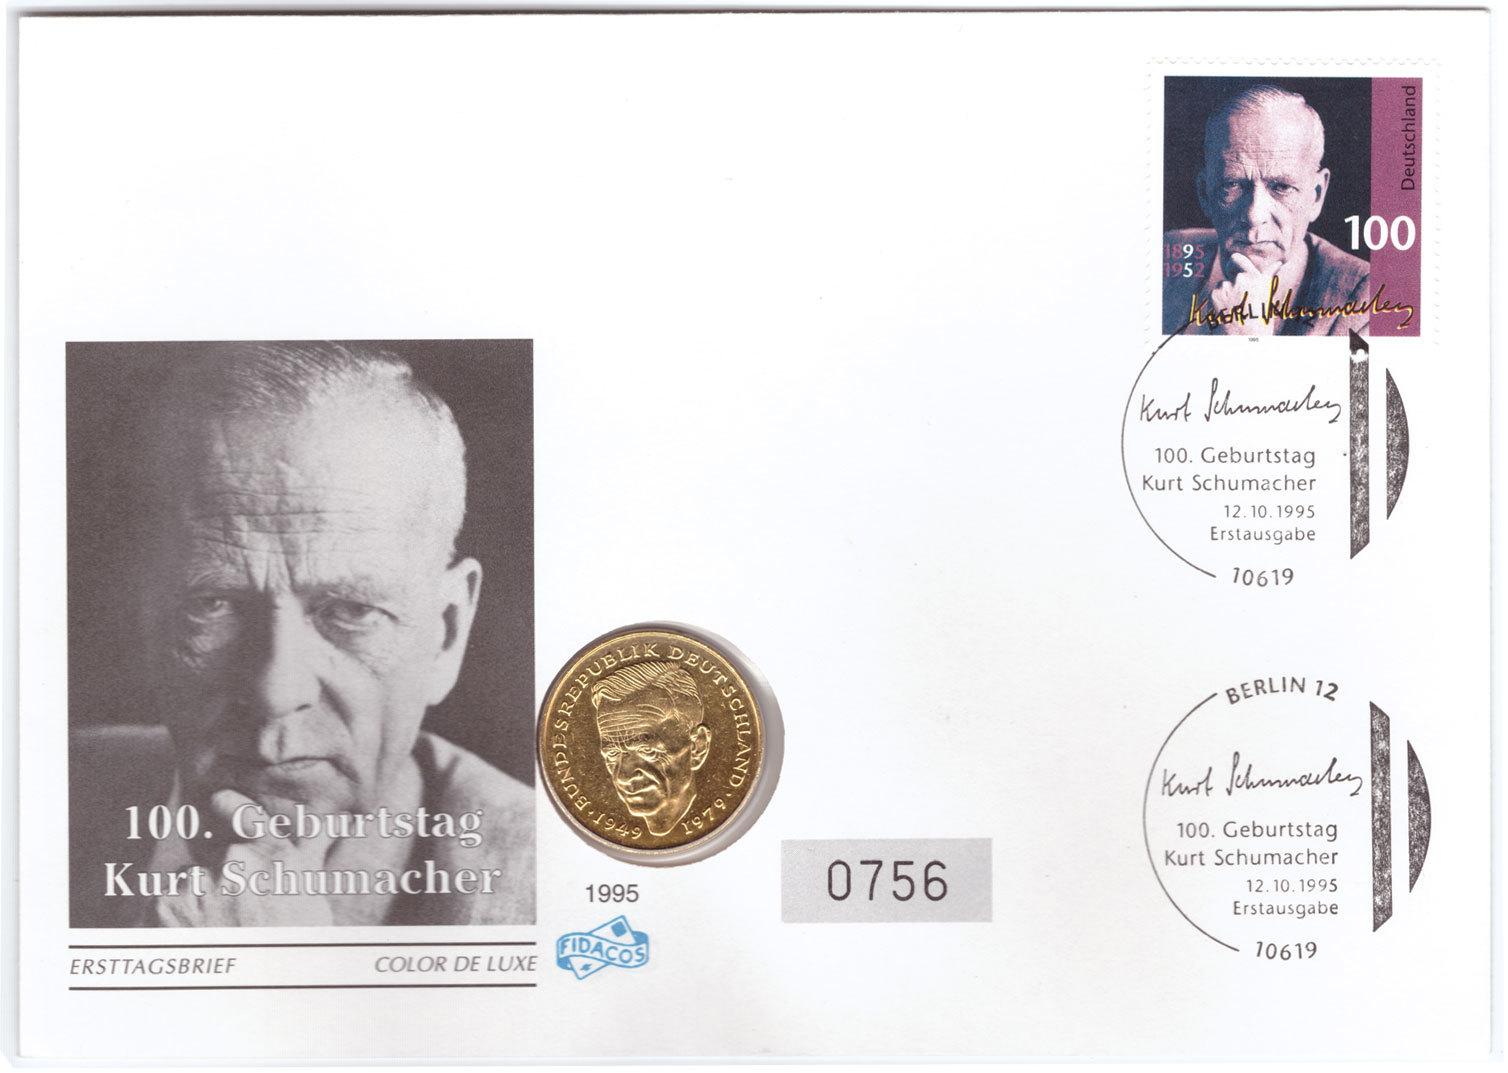 2 марки. 20 лет ФРГ - Курт Шумахер. (F) Германия. 1989 г. UNC (в конверте со спецгашением)